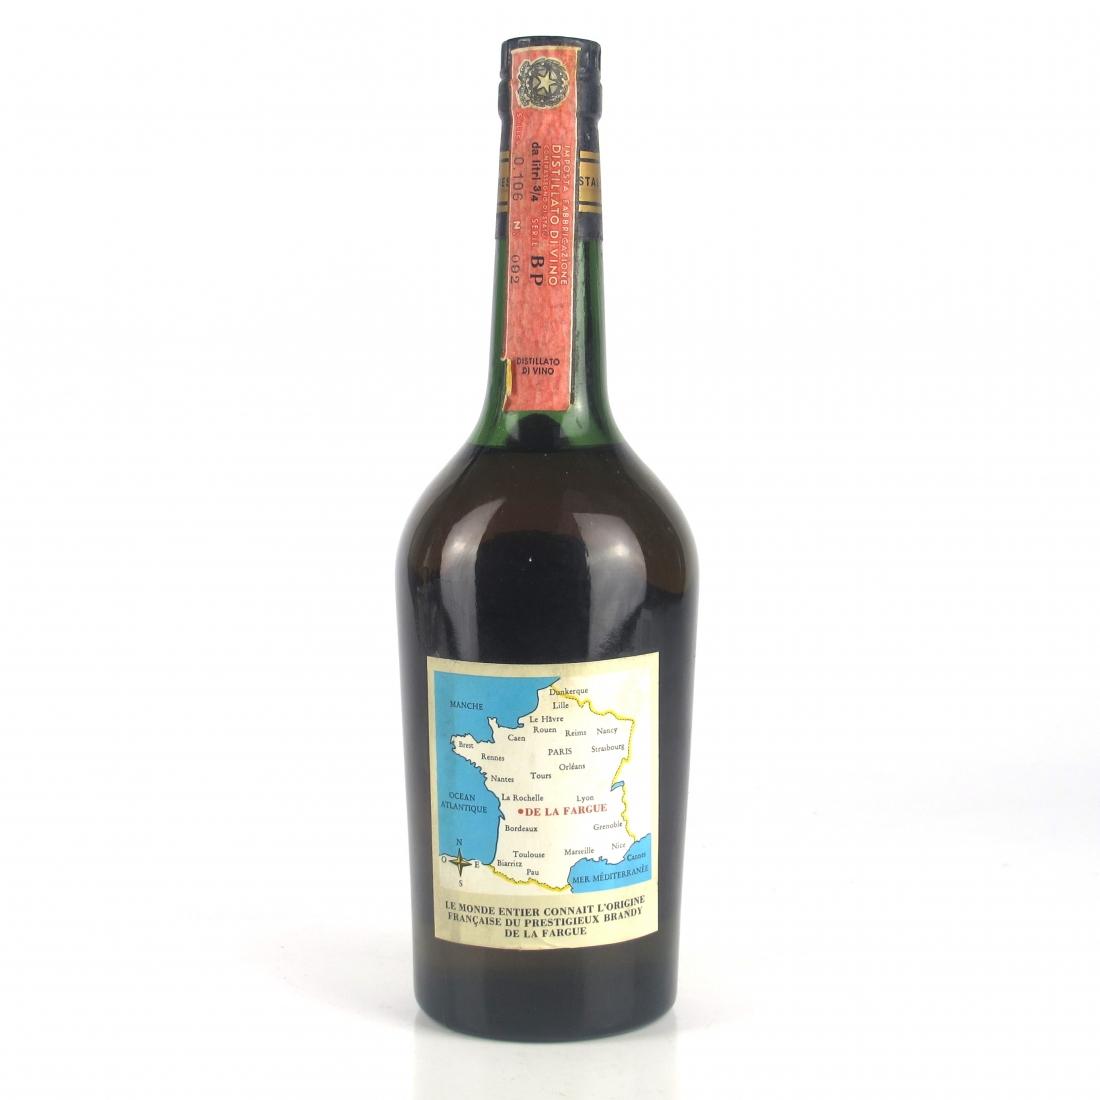 De La Fargue 12 Year Old Napoleon Brandy 1970s